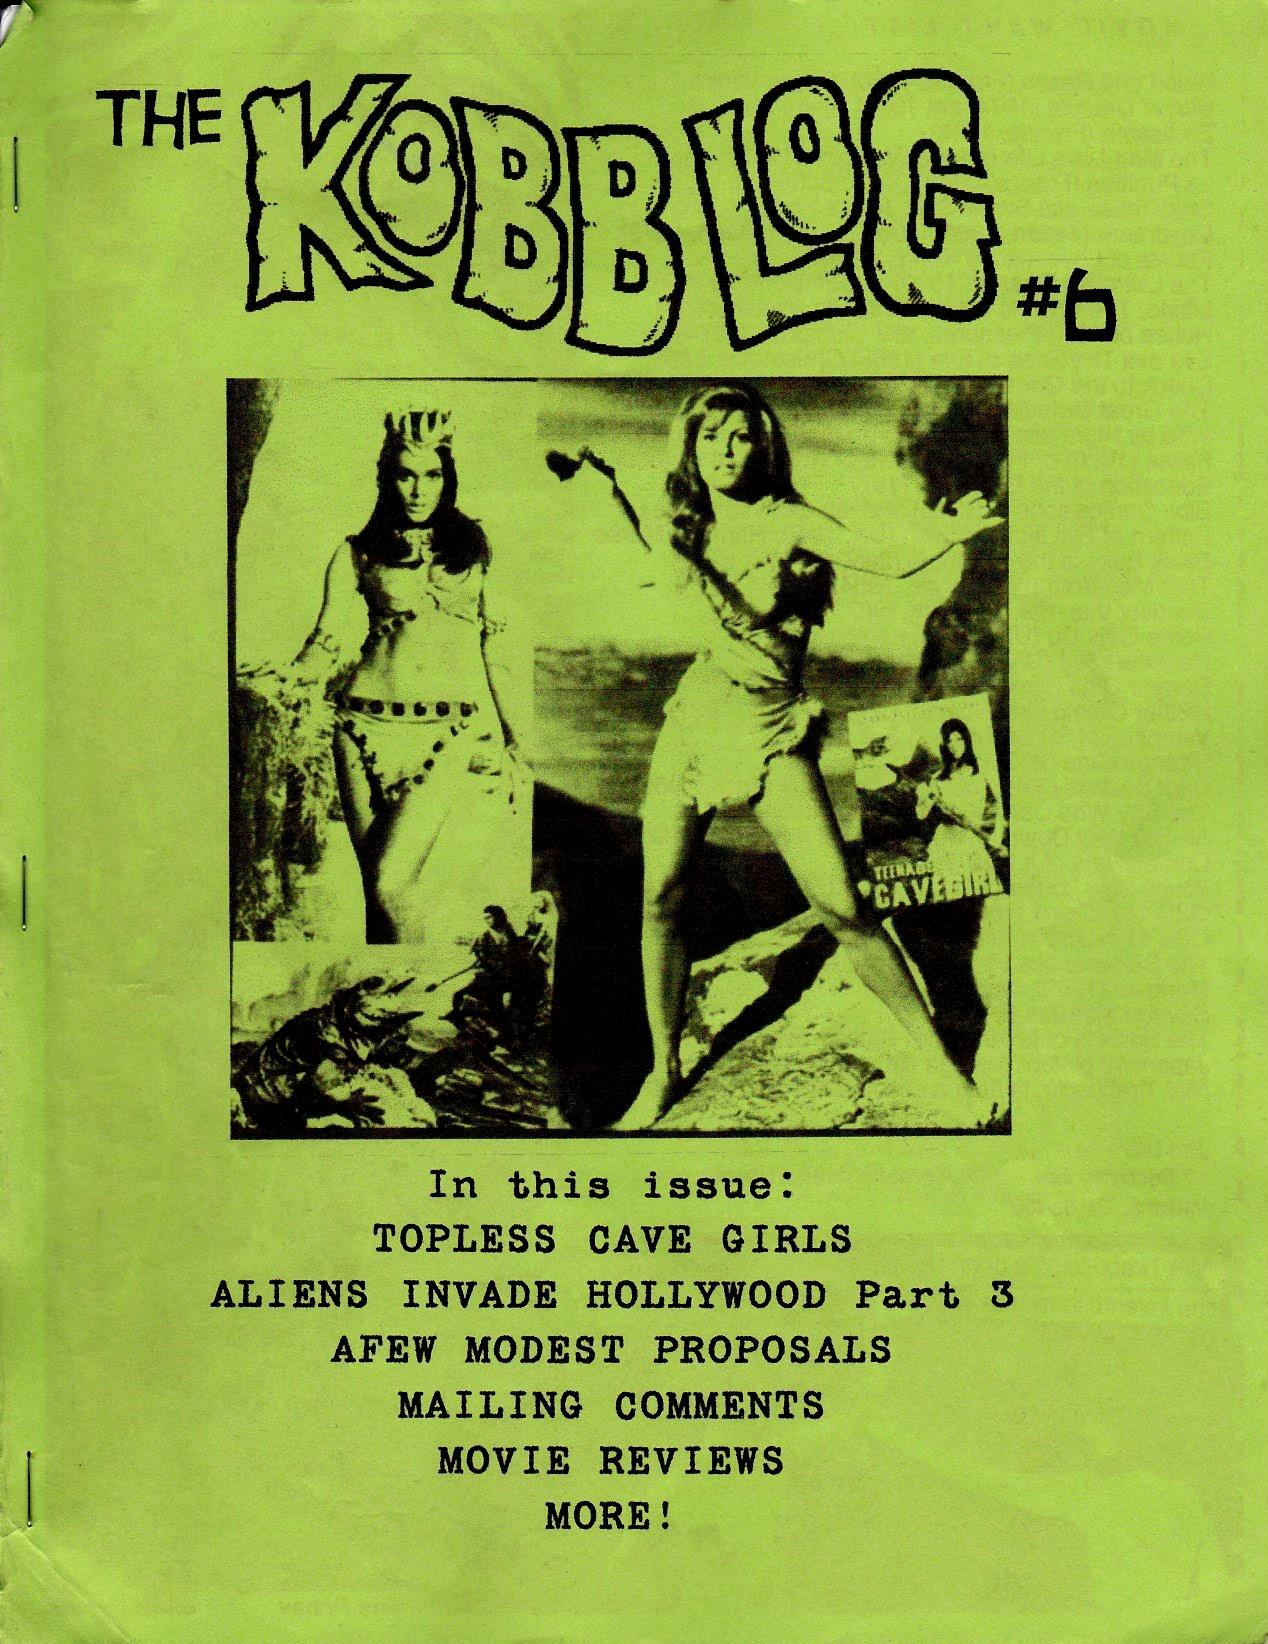 The Kobb Log 6